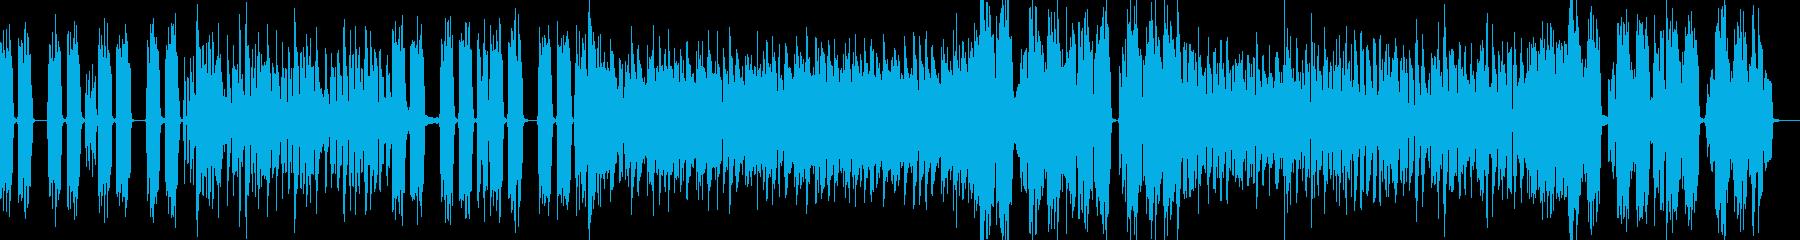 ノリのよい爽快ハードロックBGMの再生済みの波形